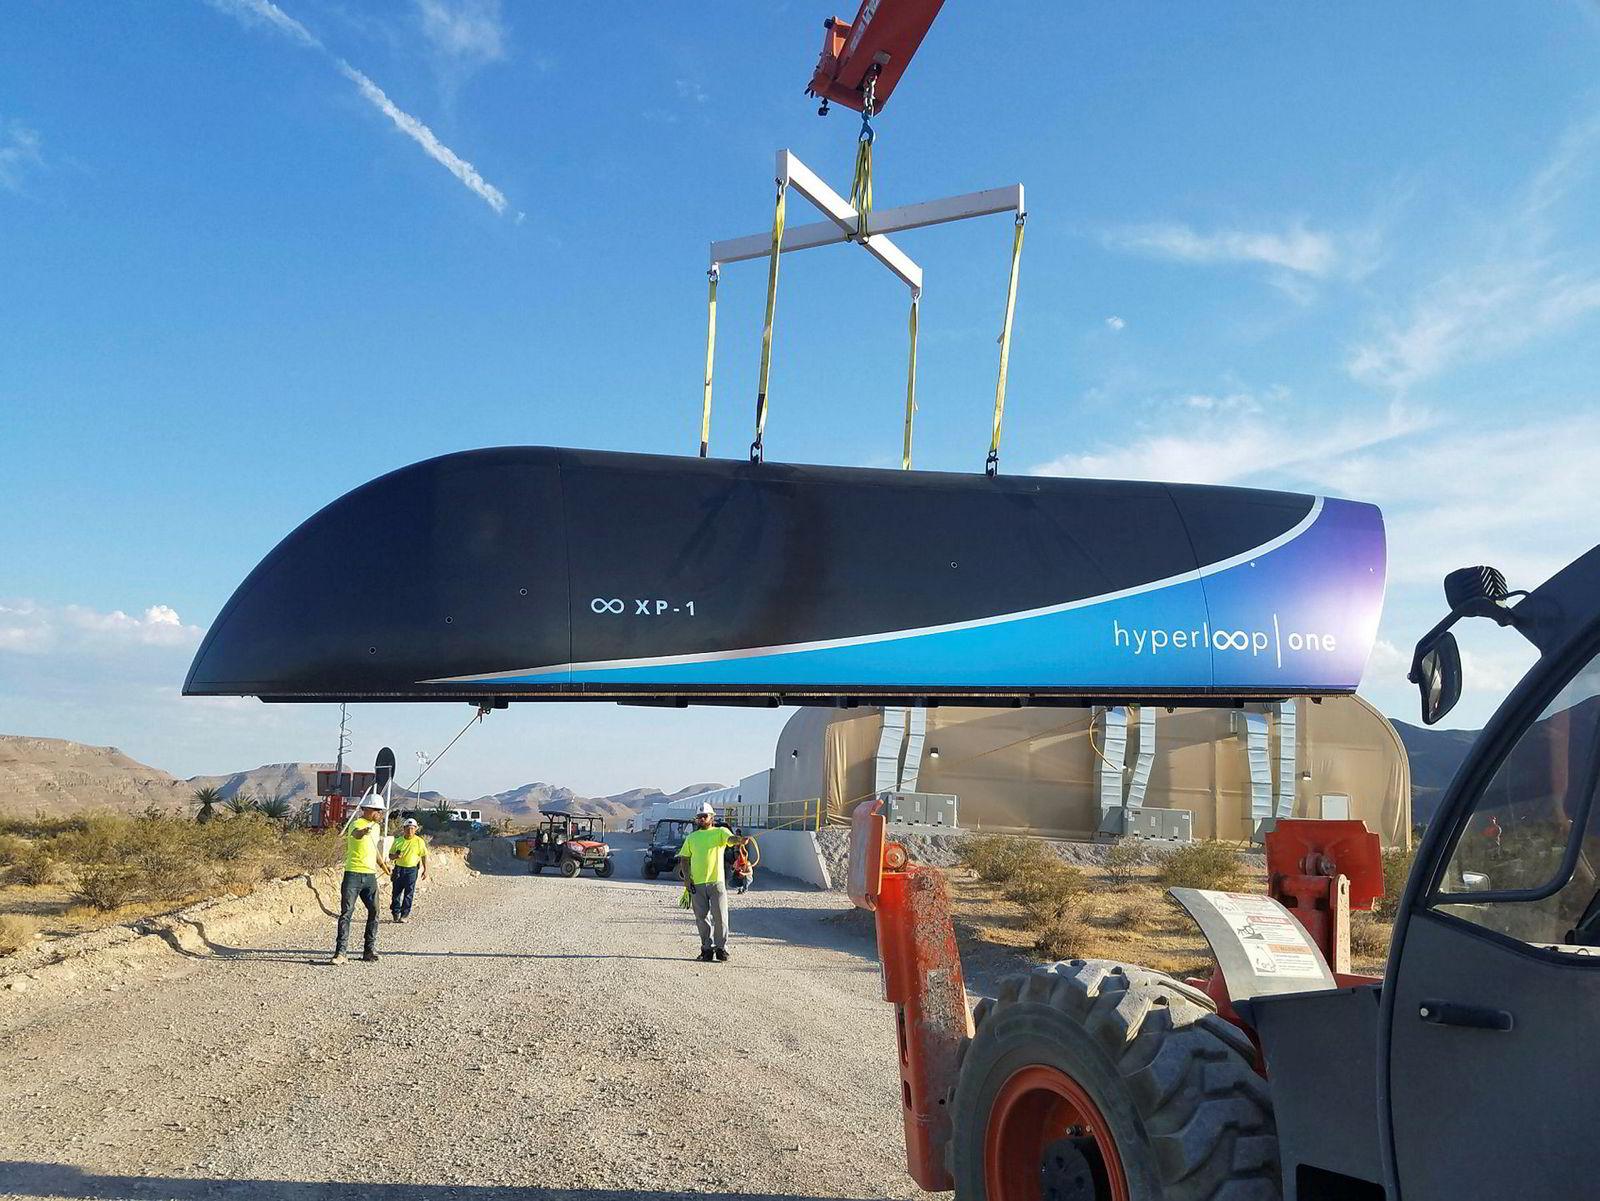 Prototypen XP-1 er prototypen på den typen vogn som vil bli brukt i de første Hyperloop-systemene.